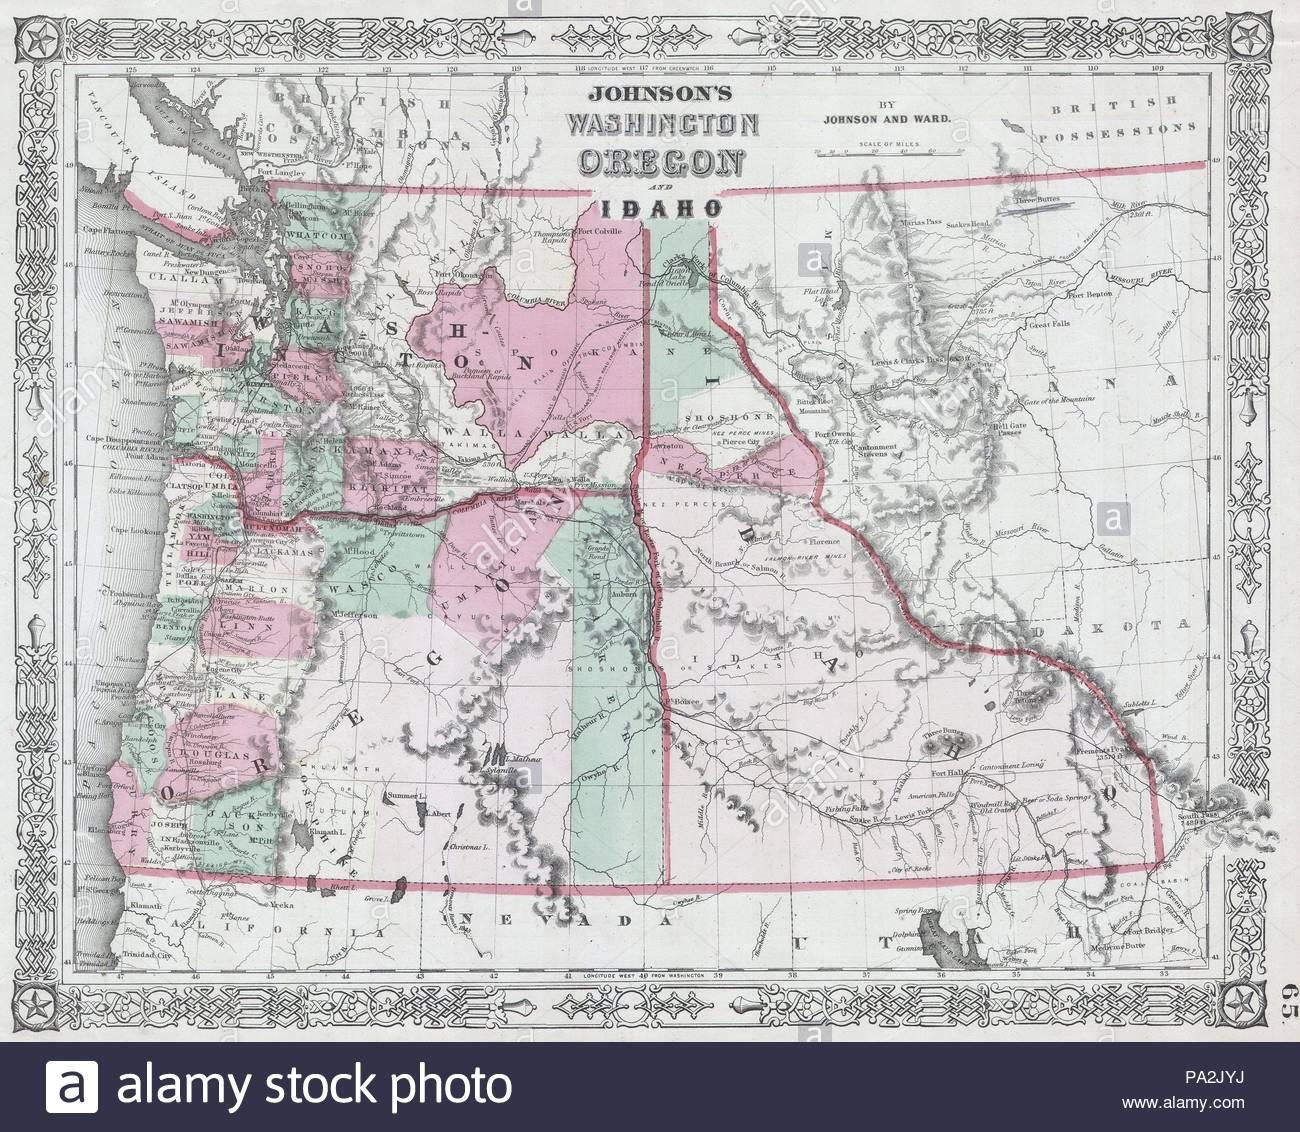 1864 Johnson Map Of Washington Oregon And Idaho Stock Photo